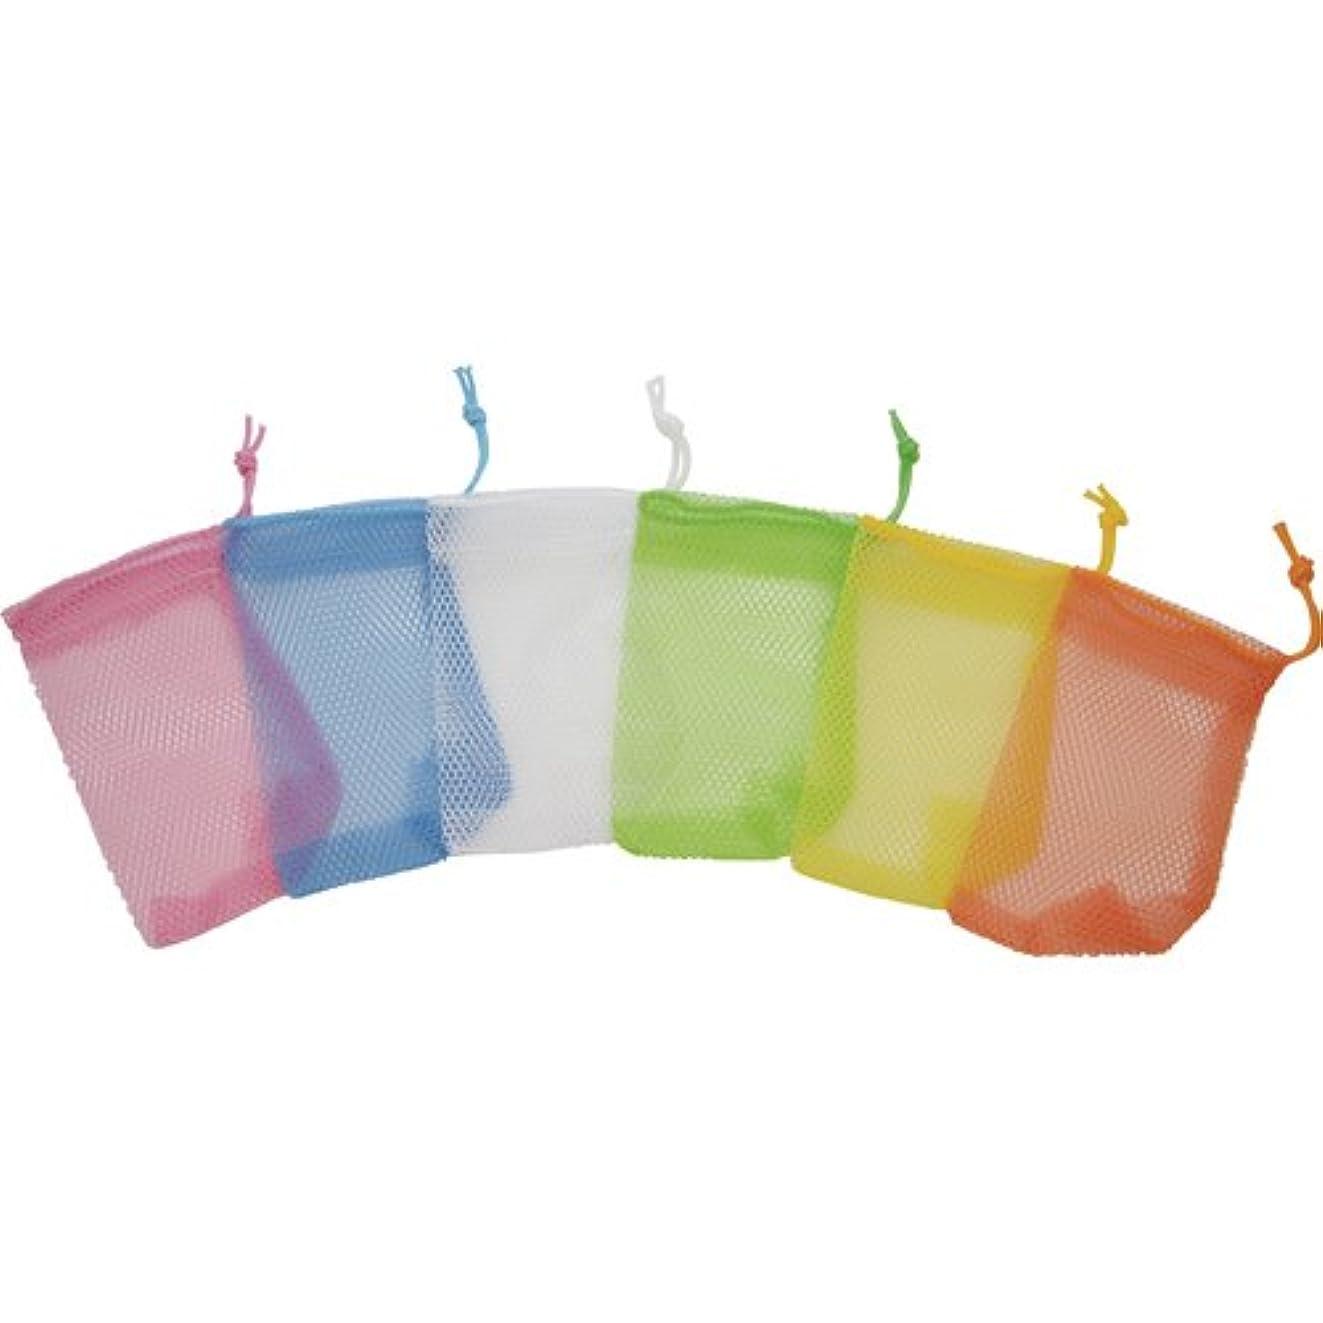 めんどり申込み申込みsanwa(サンワ) 石鹸ネット ひもタイプ 6色アソート 24枚組 101551